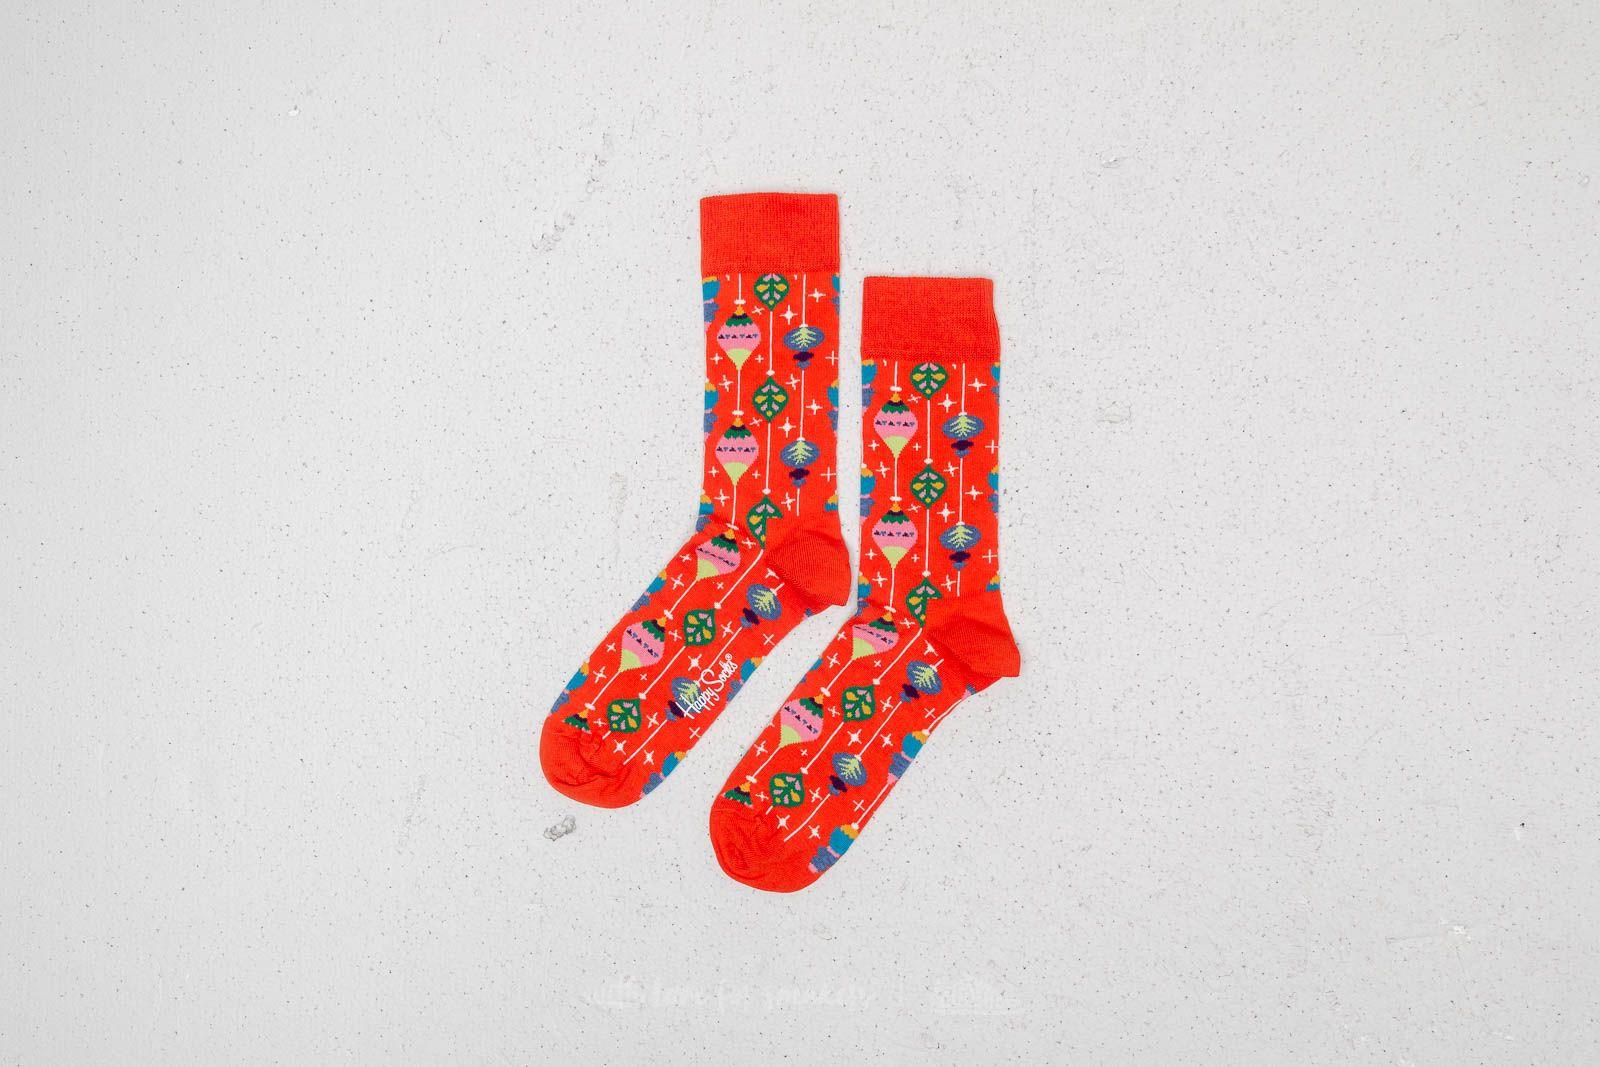 Happy Socks Bauble za skvělou cenu 179 Kč koupíte na Footshop.cz